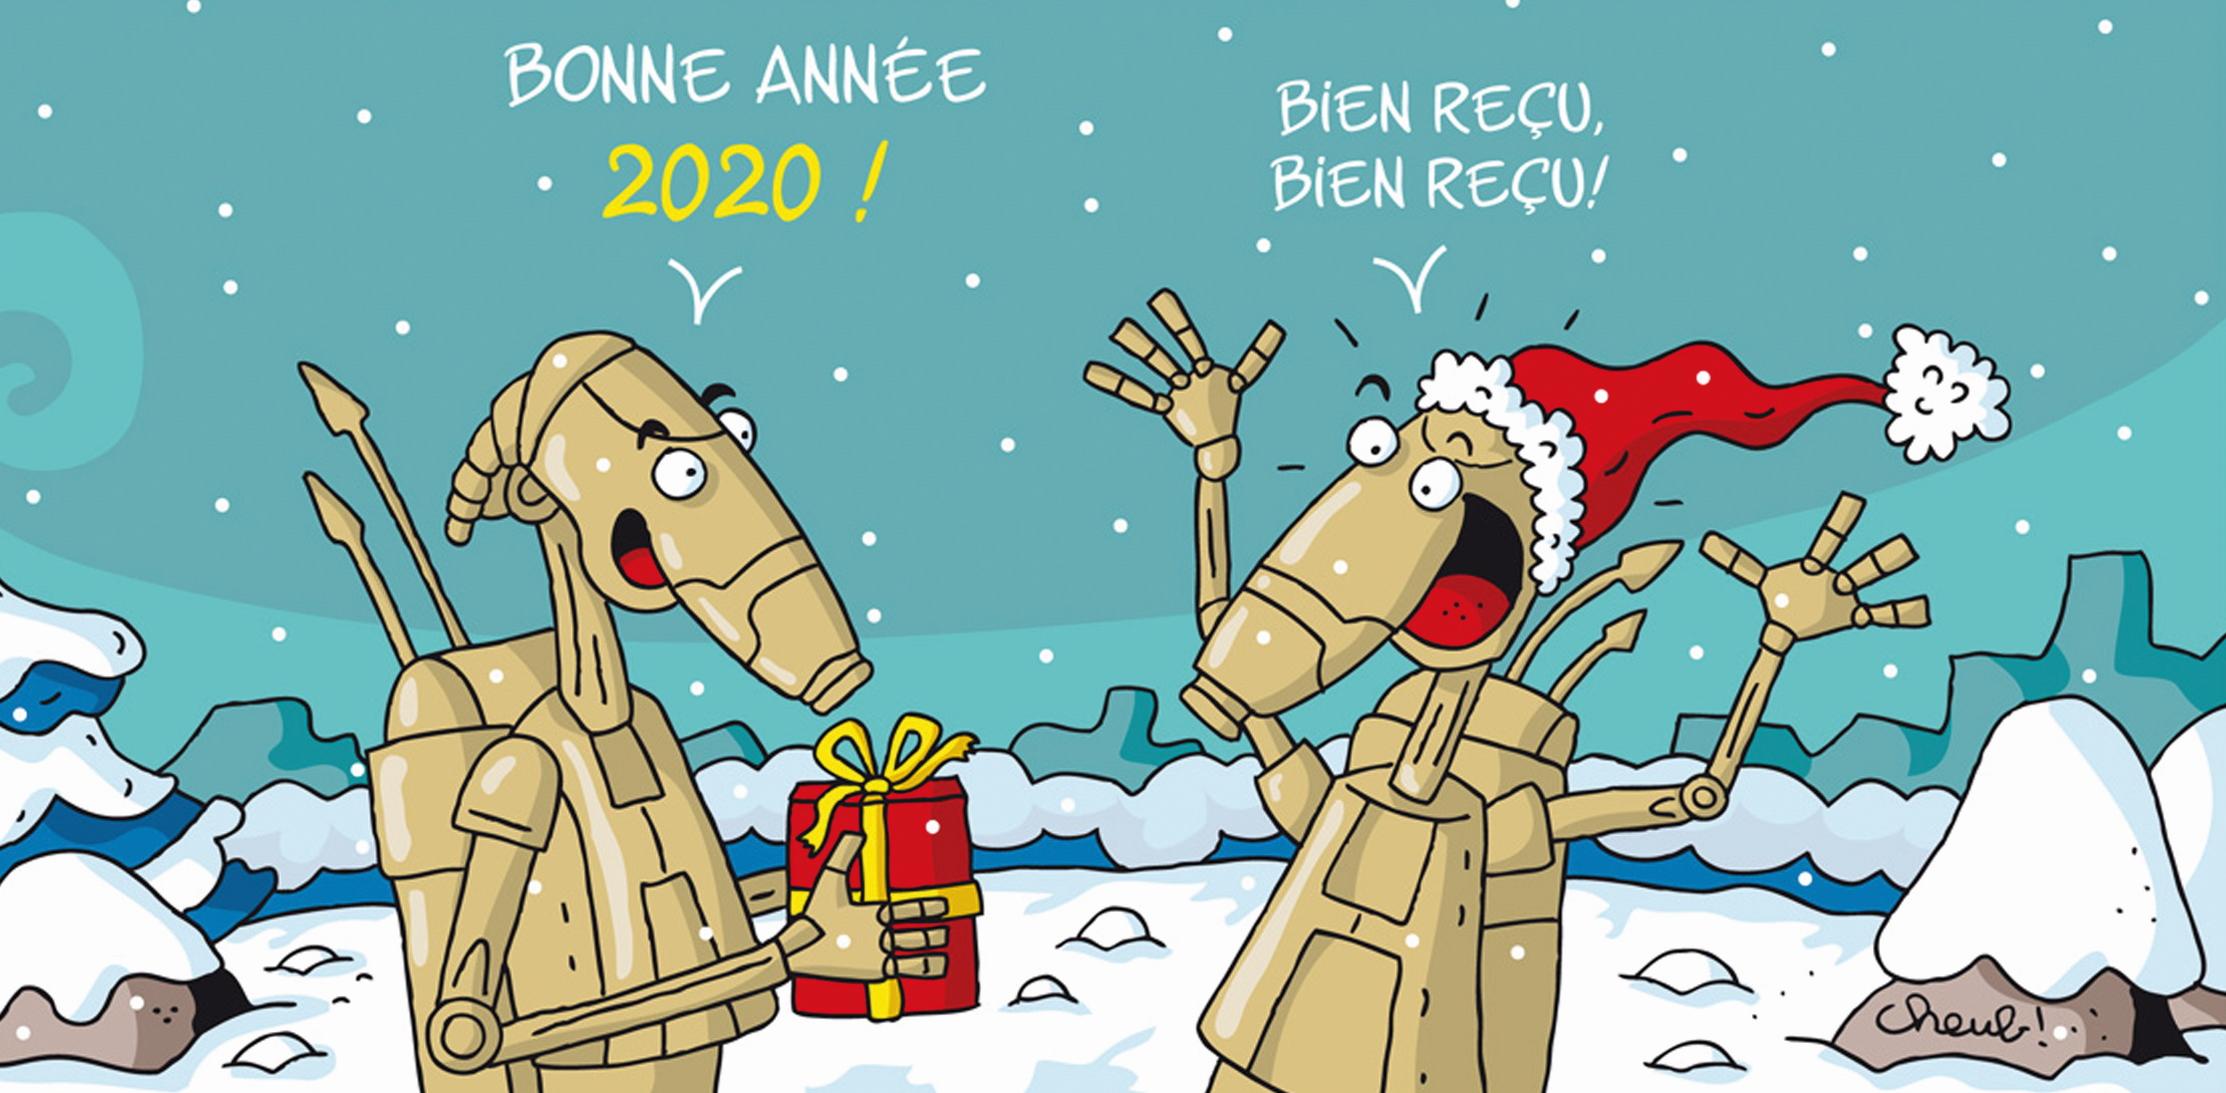 visuel_cartevoeux_2020